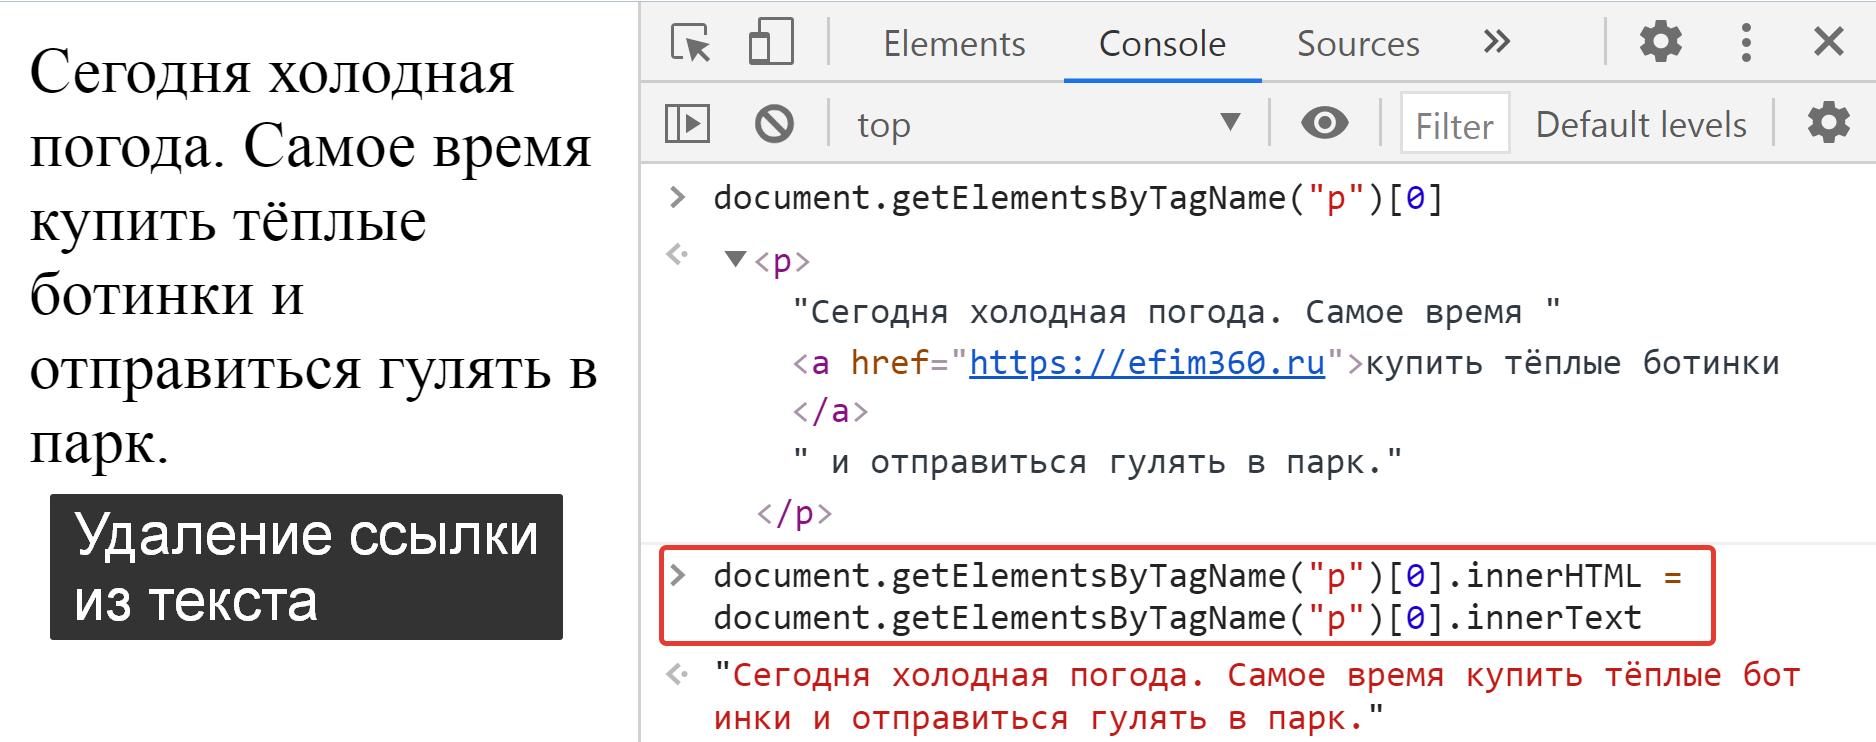 Удаление ссылки из текста - JavaScript